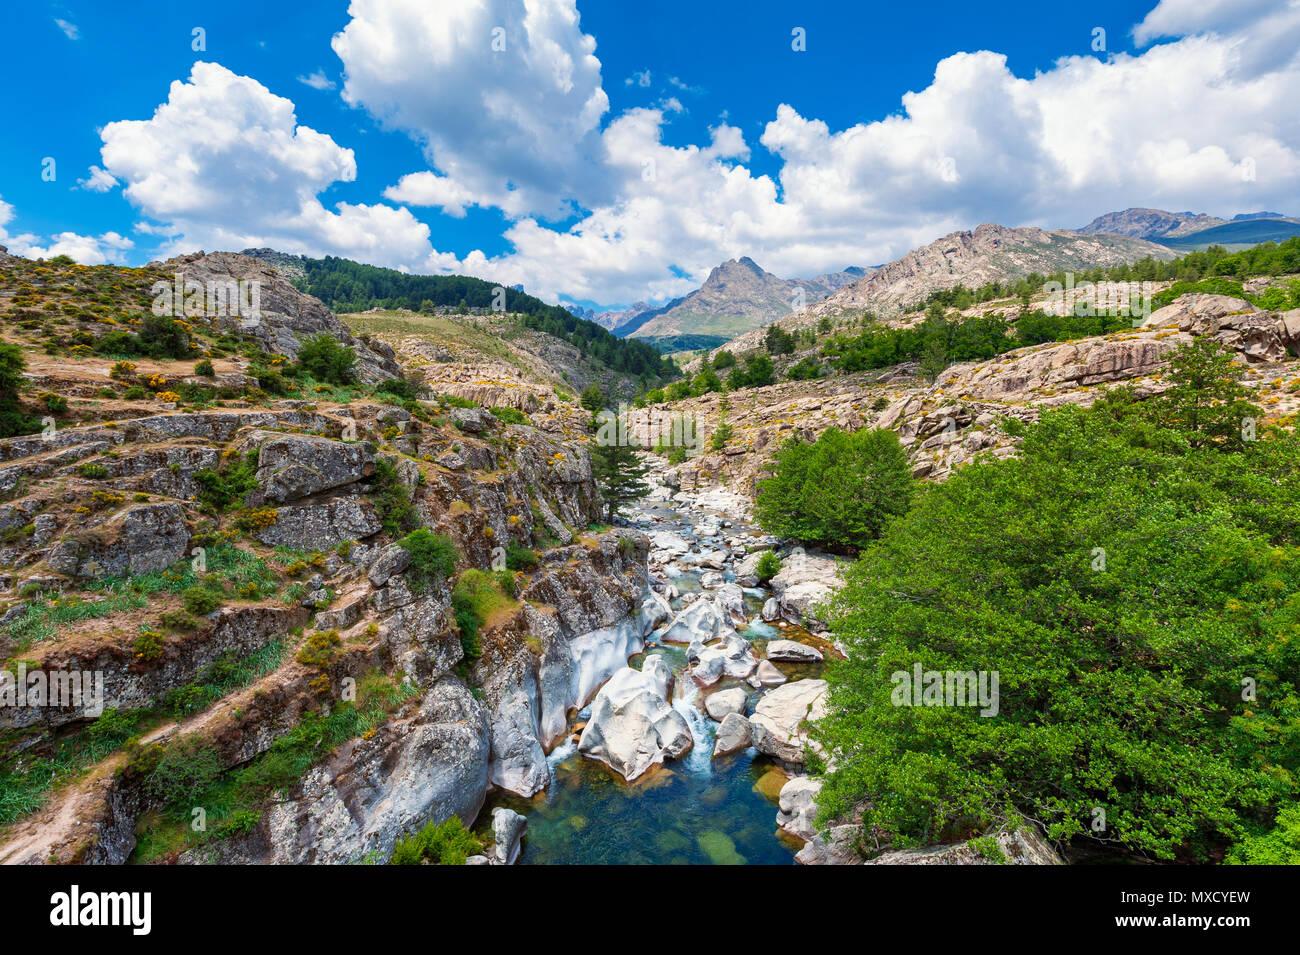 Flusso e la gamma della montagna in Corsica, Francia in primavera Immagini Stock